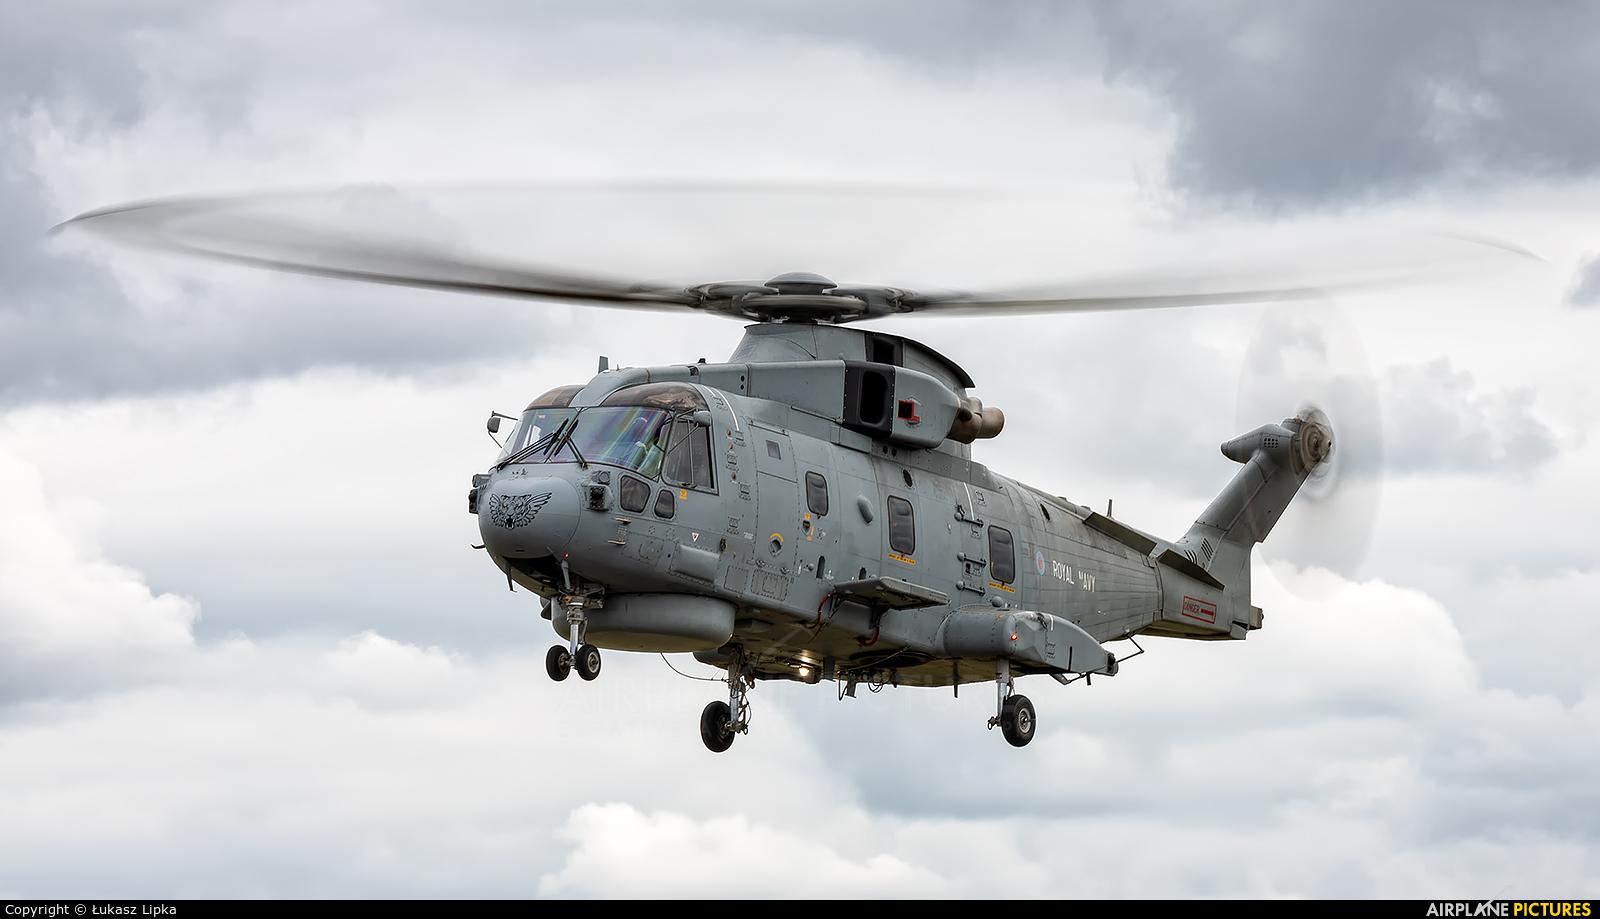 Royal Navy ZH857 aircraft at Yeovilton